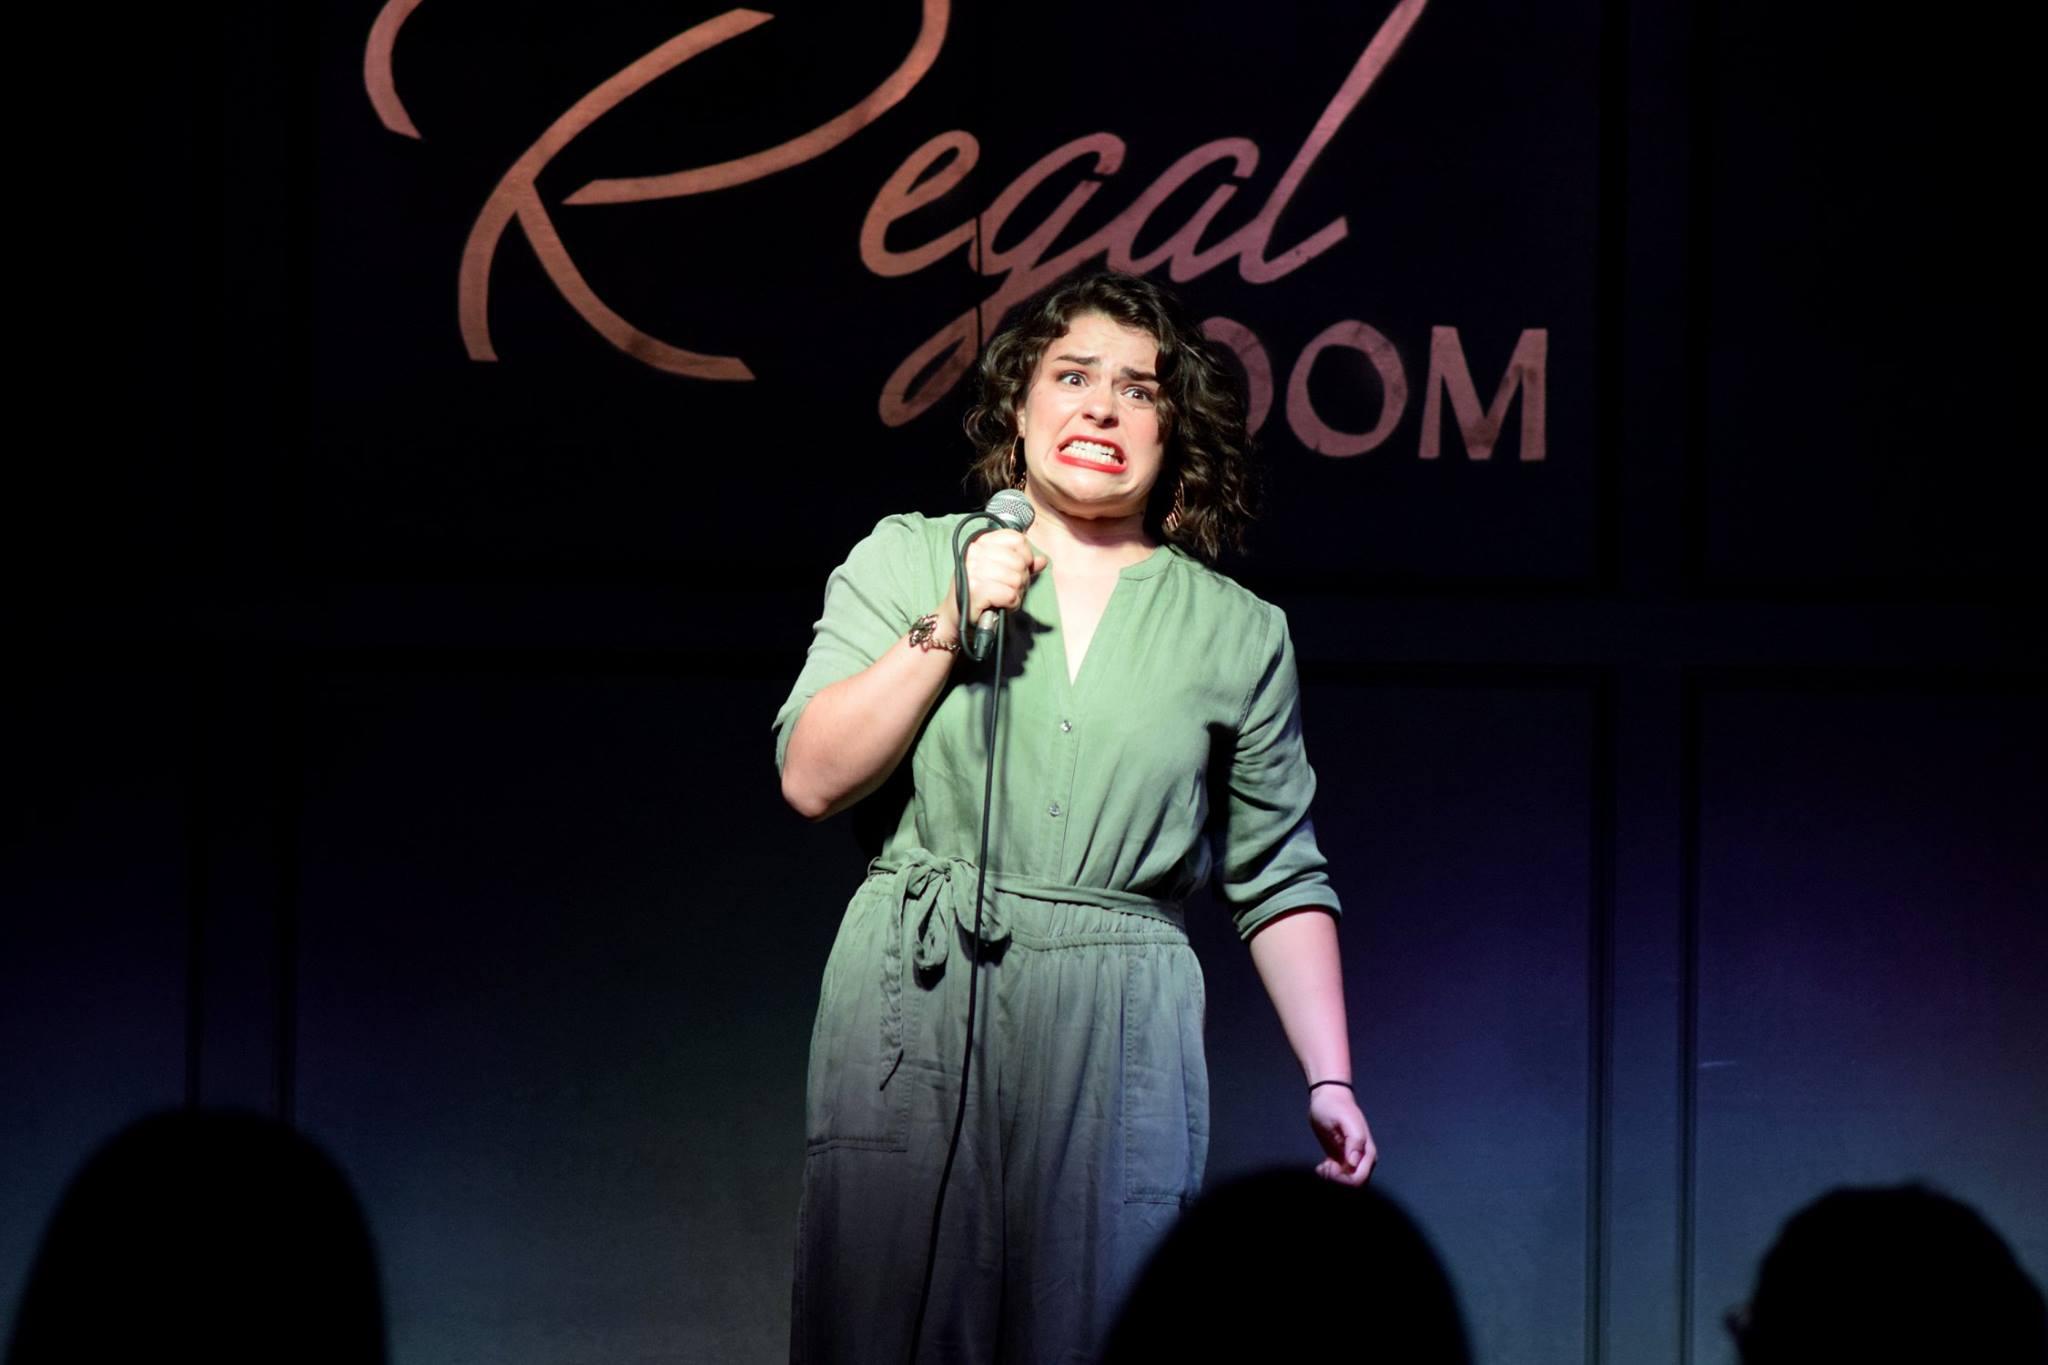 Devon Kodzis at the 2018 Dallas Comedy Festival  Dallas Comedy Festival